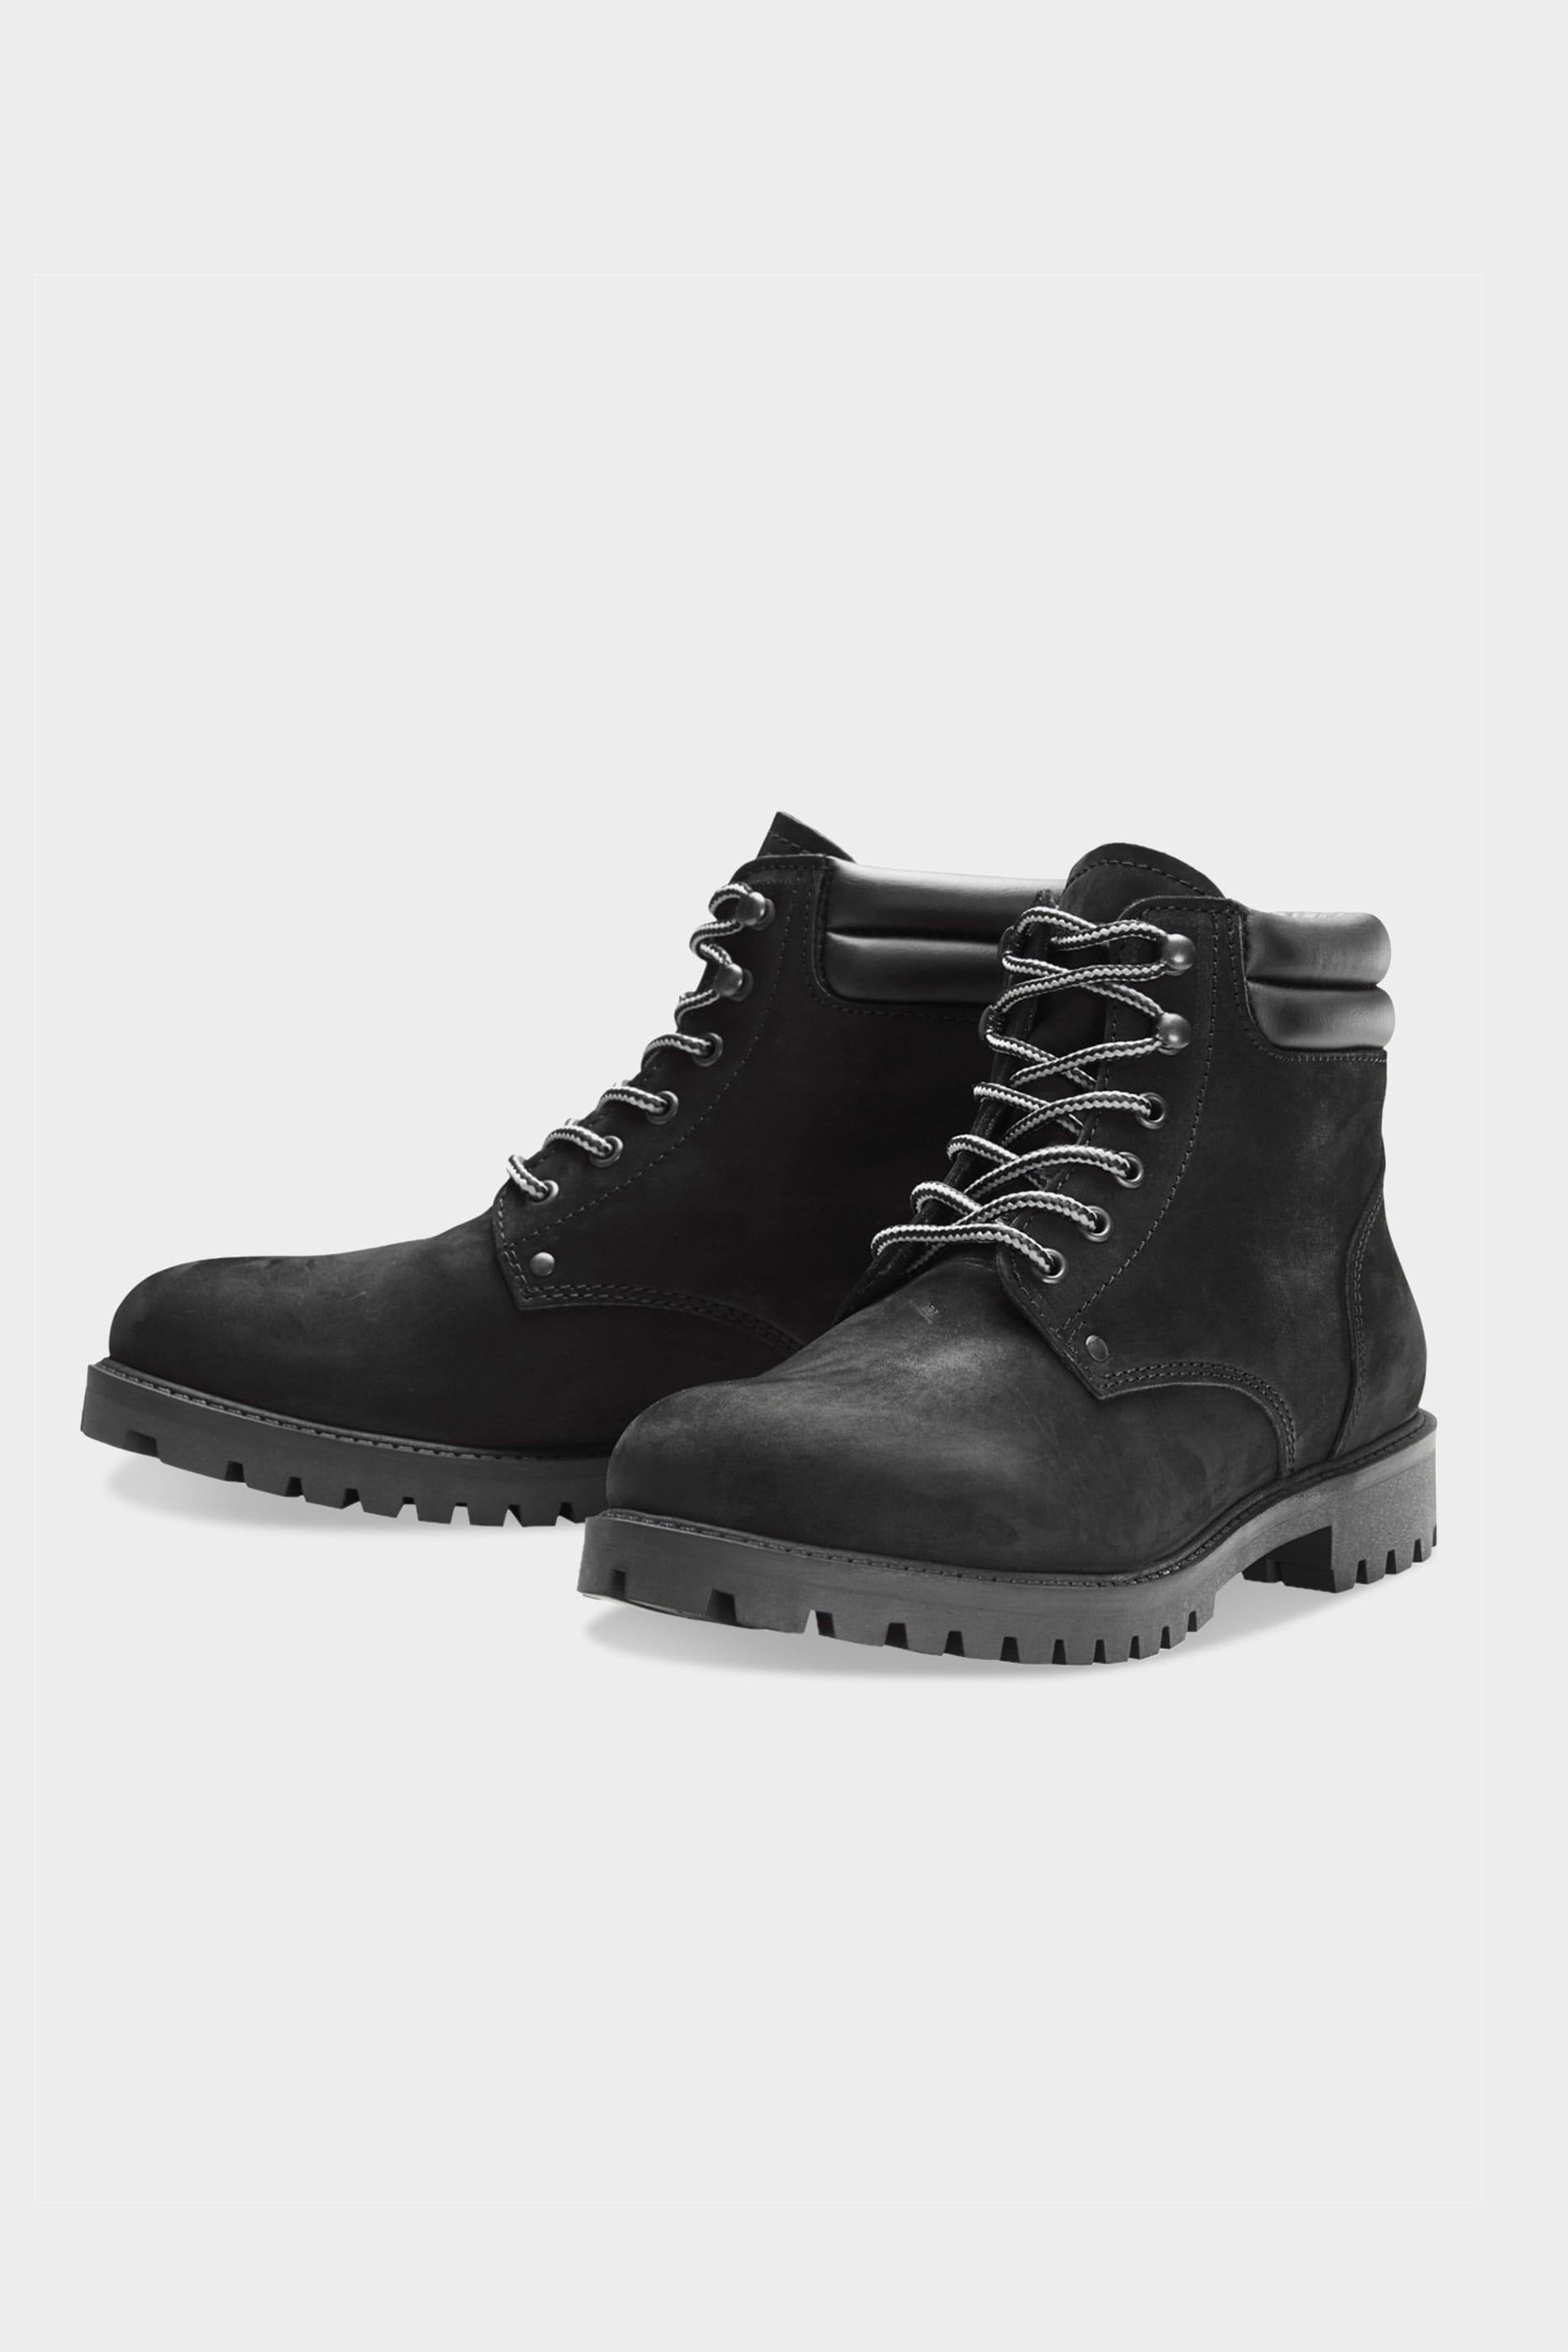 JACK & JONES Black Nubuck Leather Boots